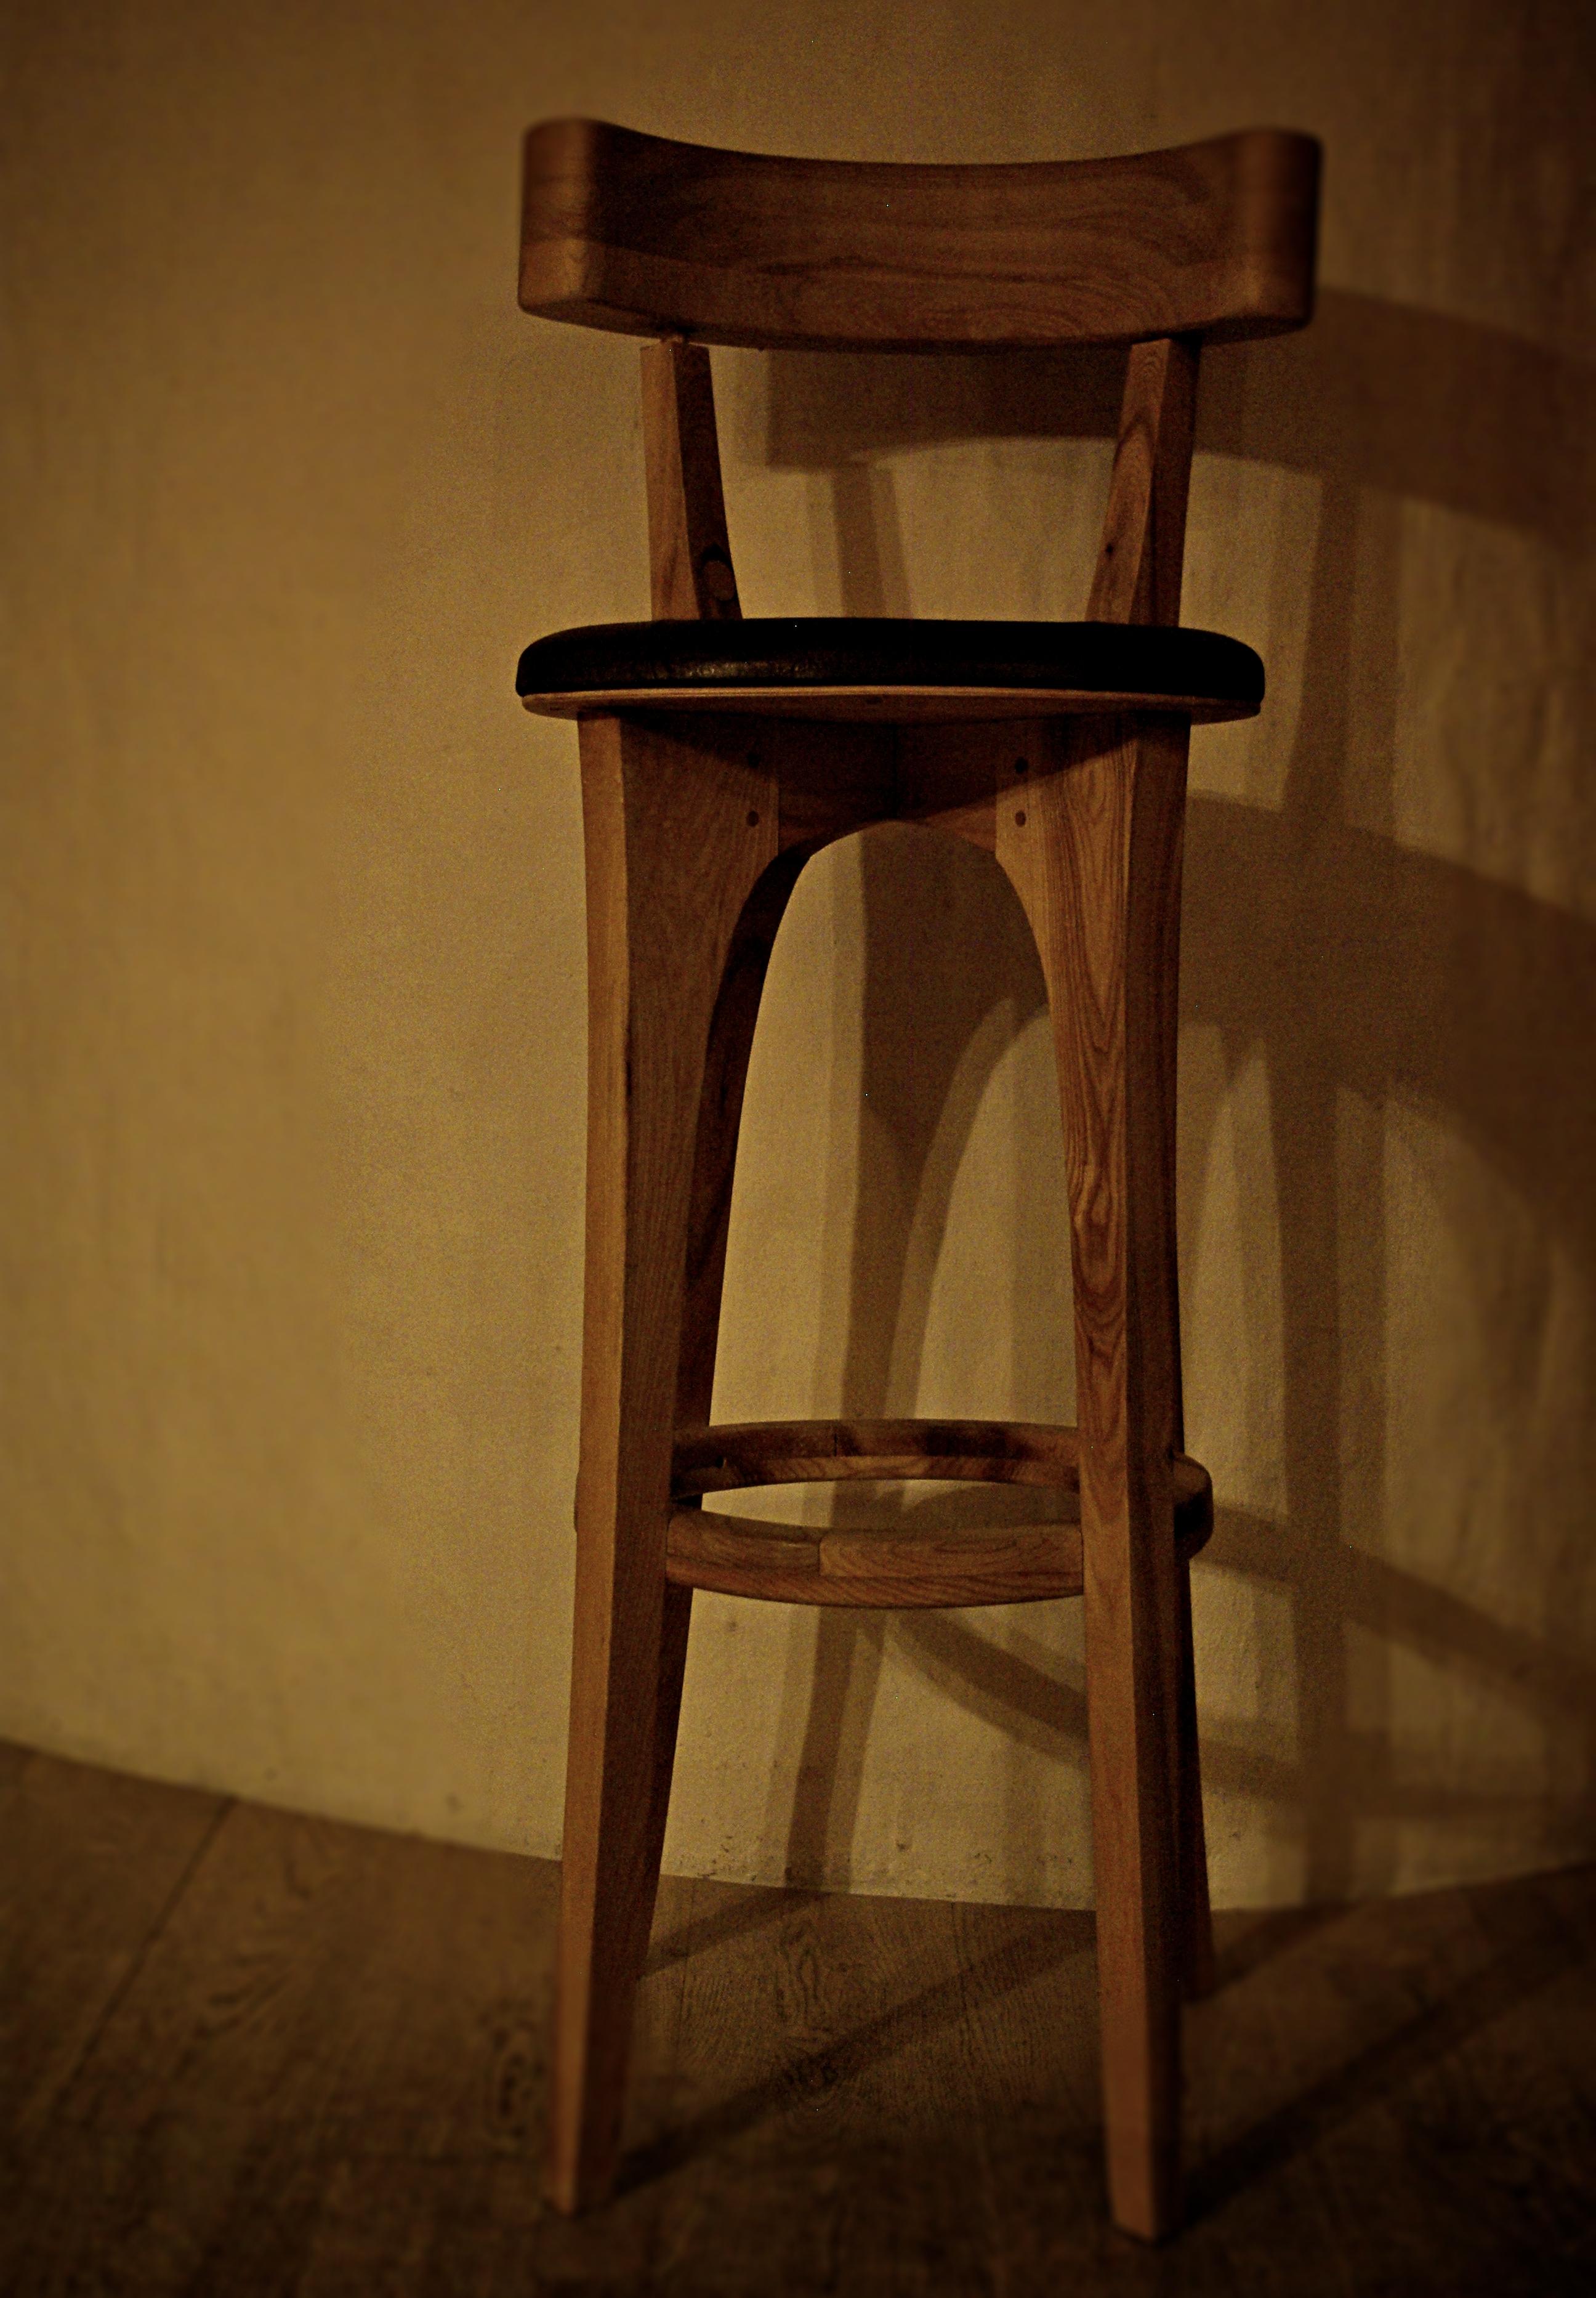 baaritool, puidust tool, baaripukk, käsitöö, puidust tool